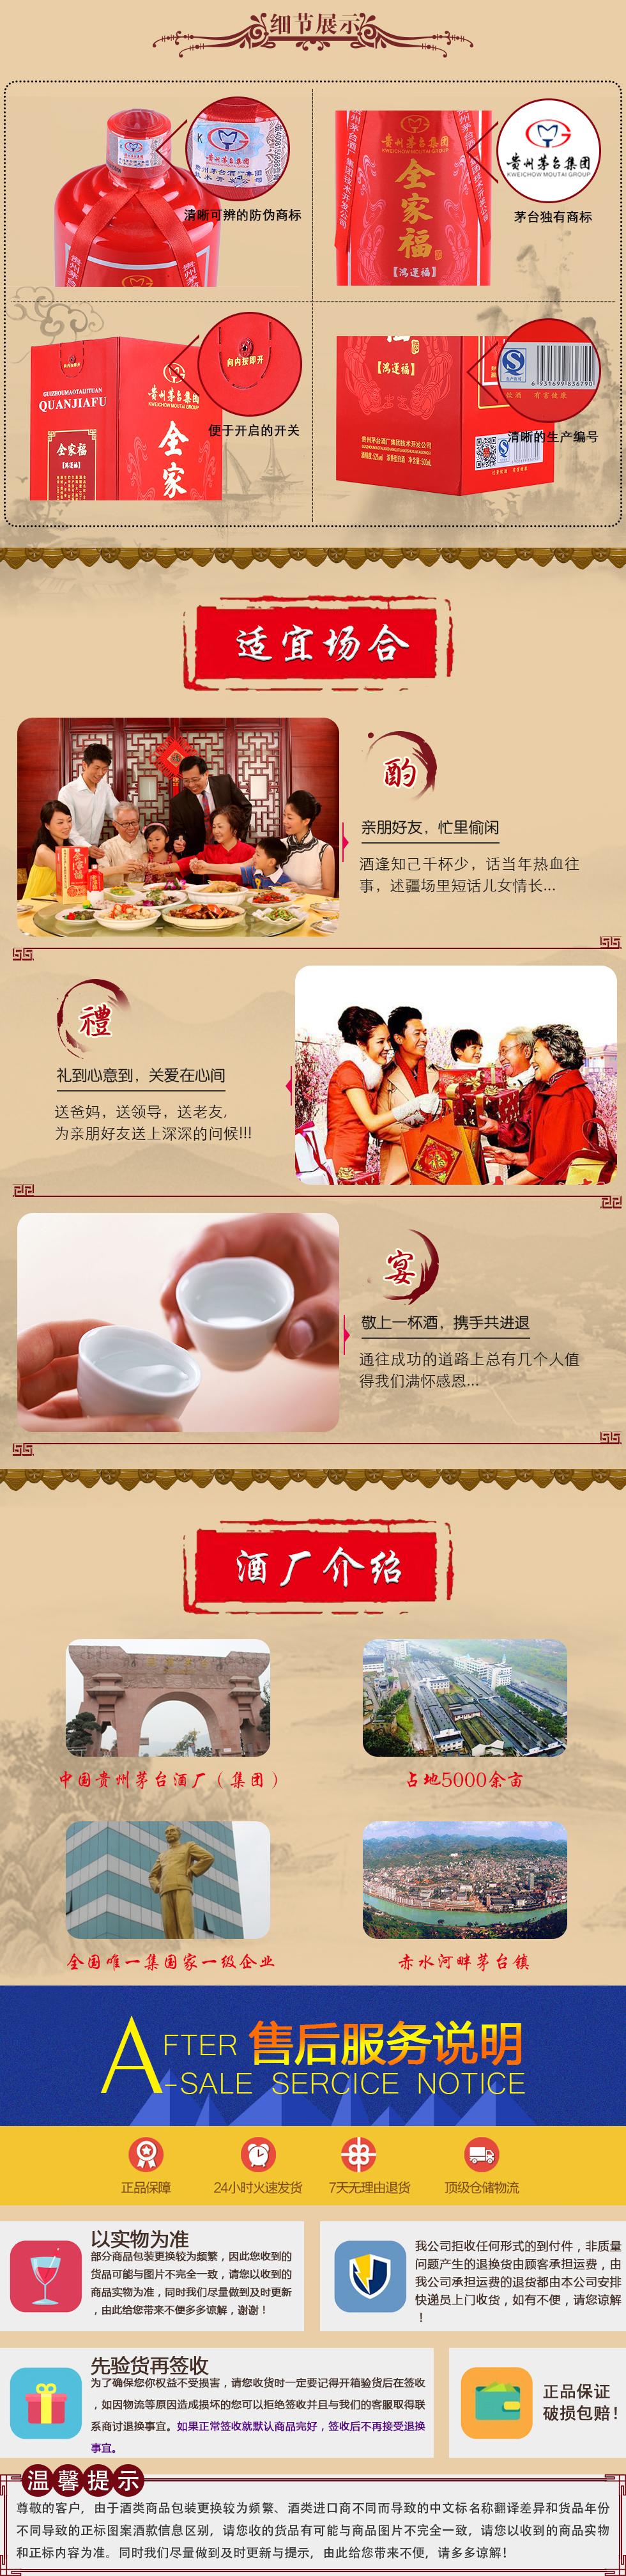 鸿运福详情2.jpg